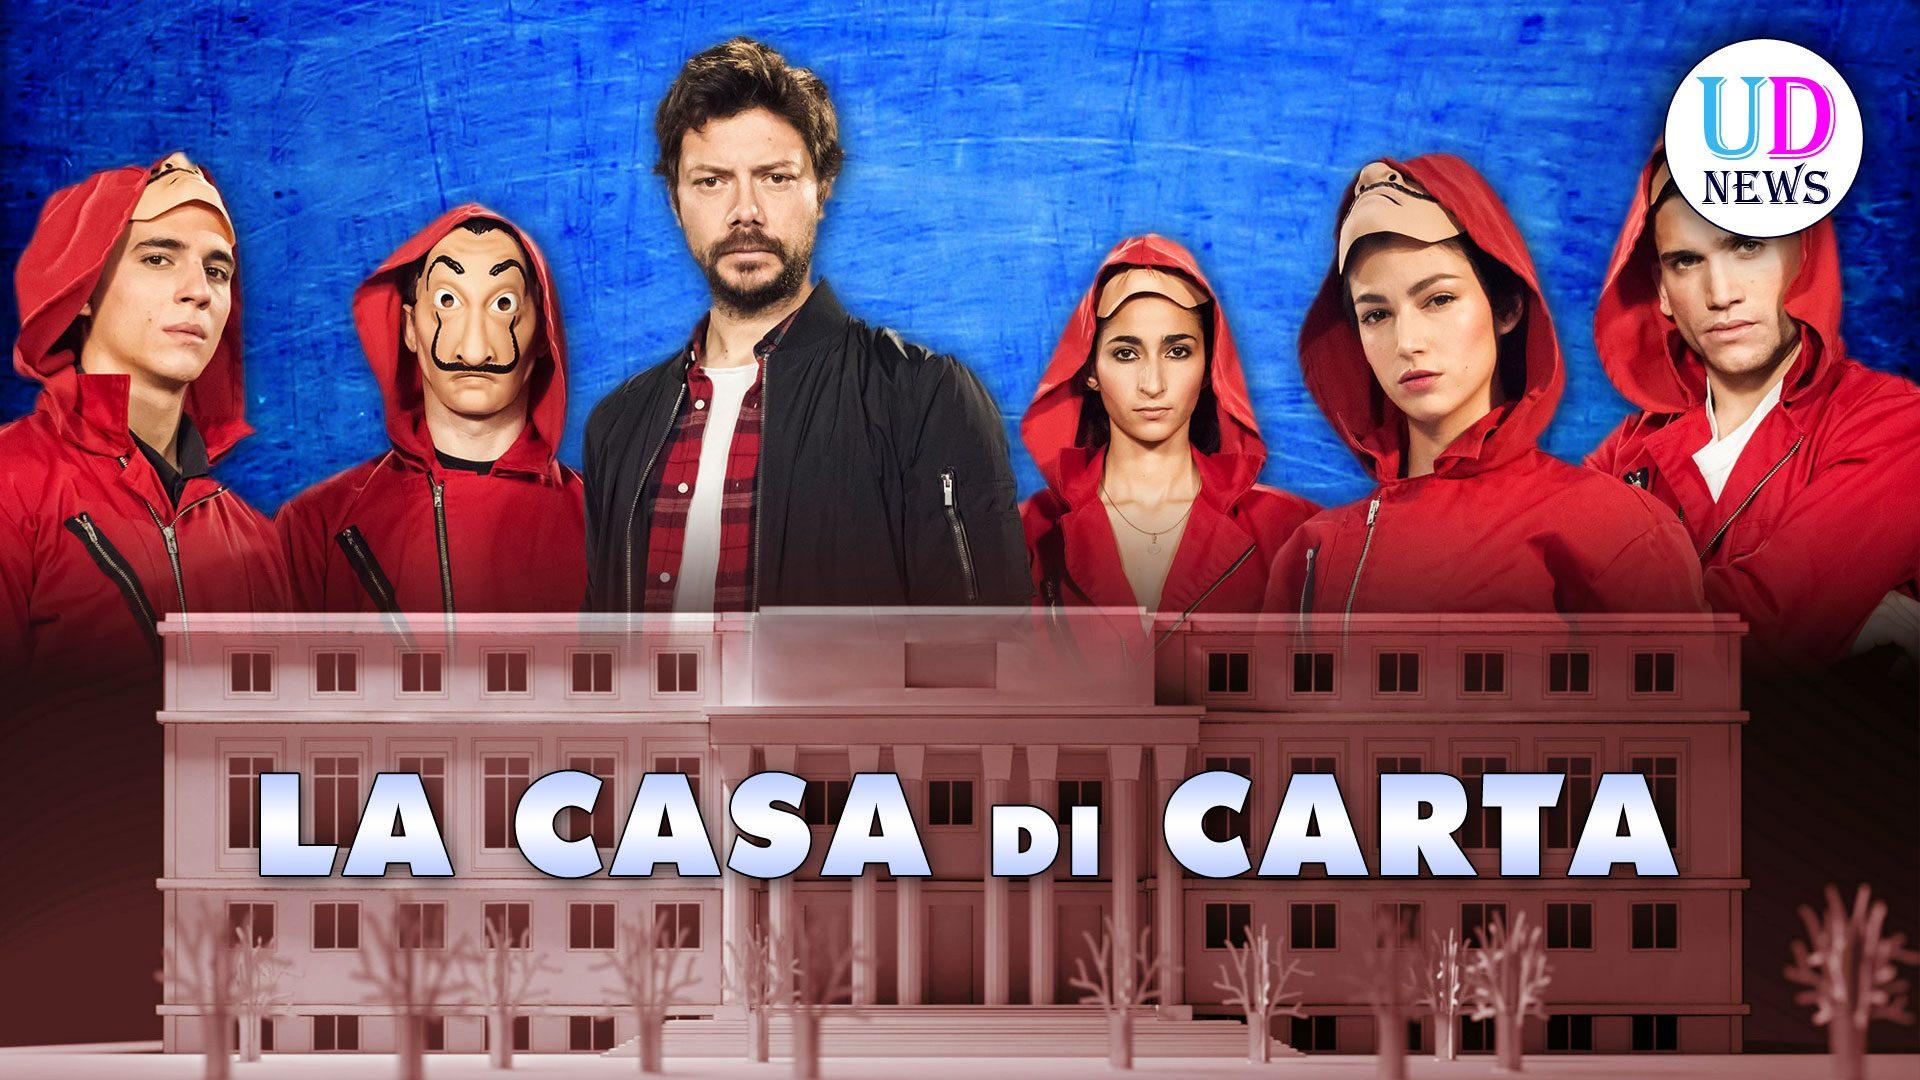 La casa di carta 3 nuova stagione trama e cast uomini for Quando esce la casa di carta 3